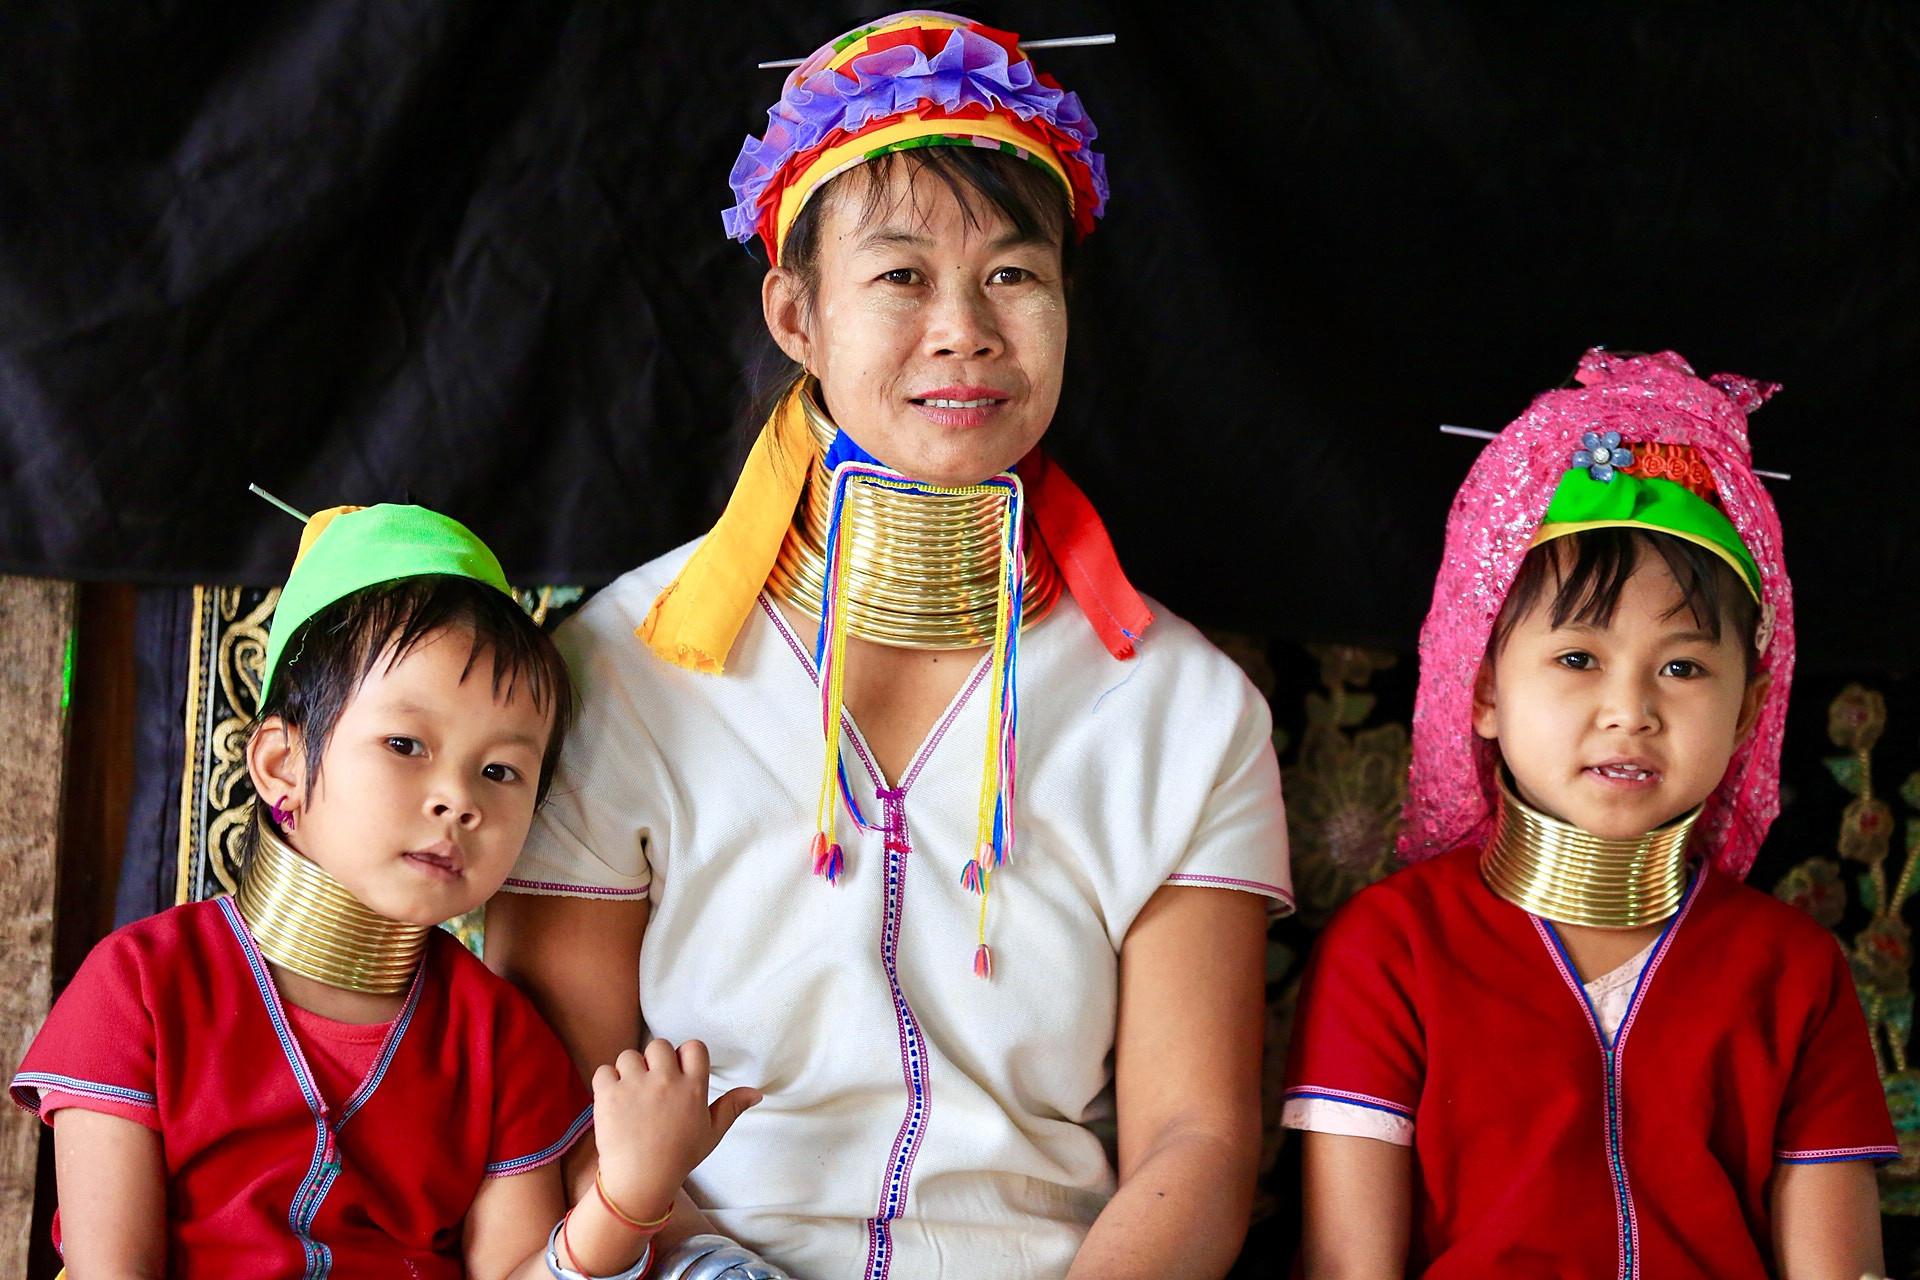 缅甸卡央女脖子越长越美 理由让人惊掉下巴